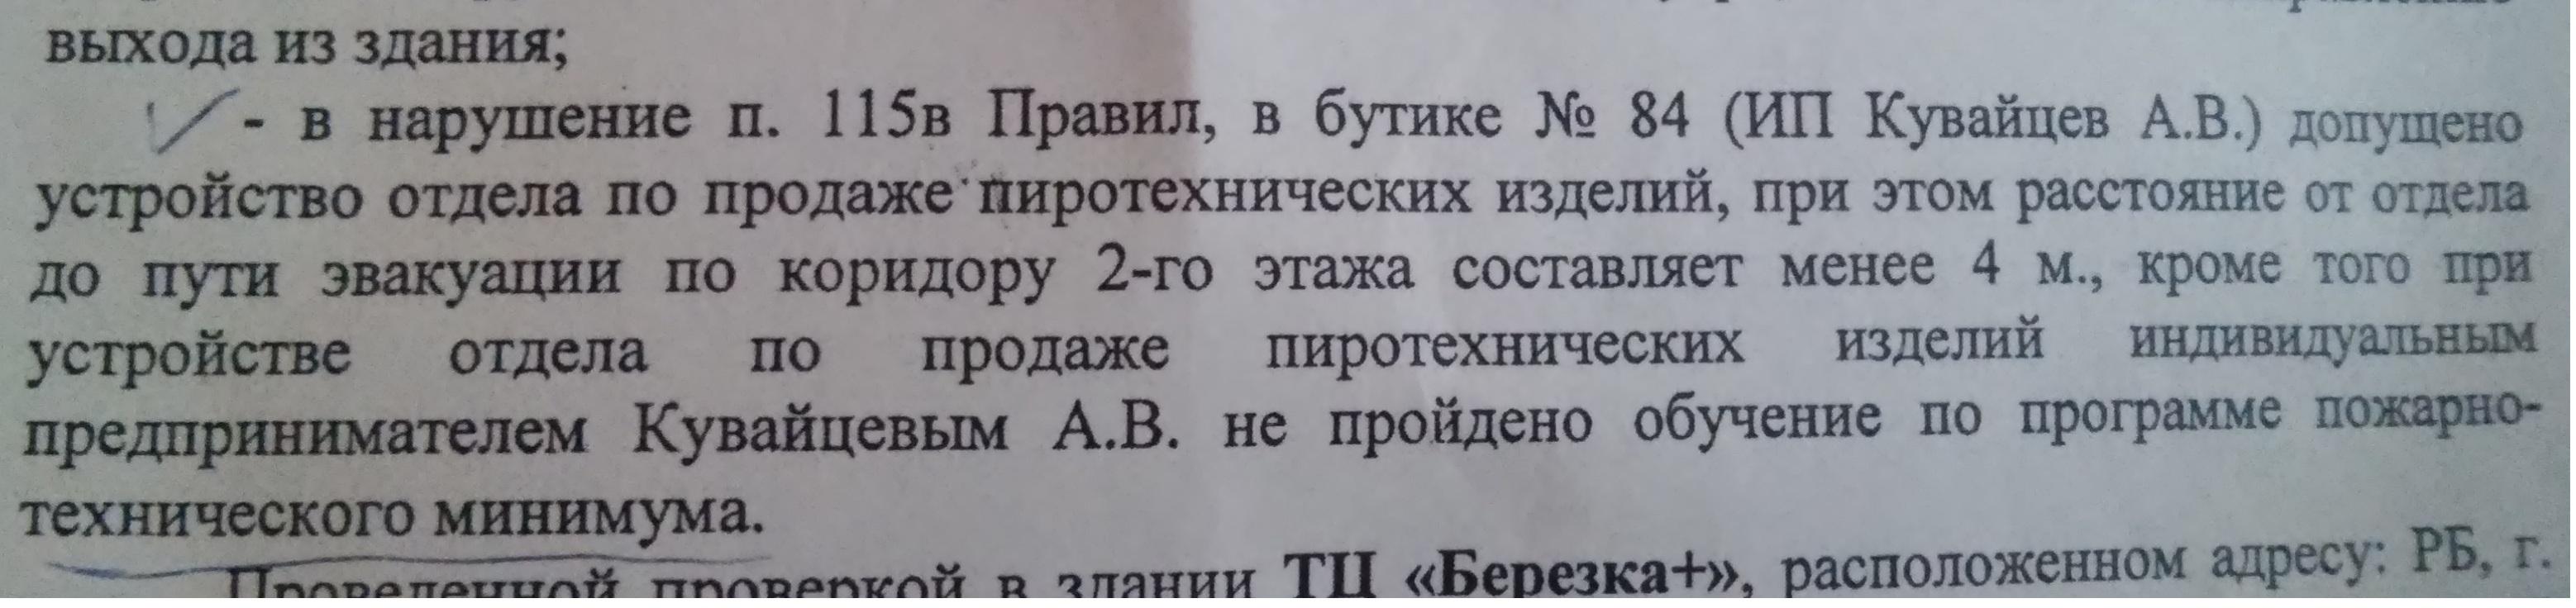 20150312_182415.jpg